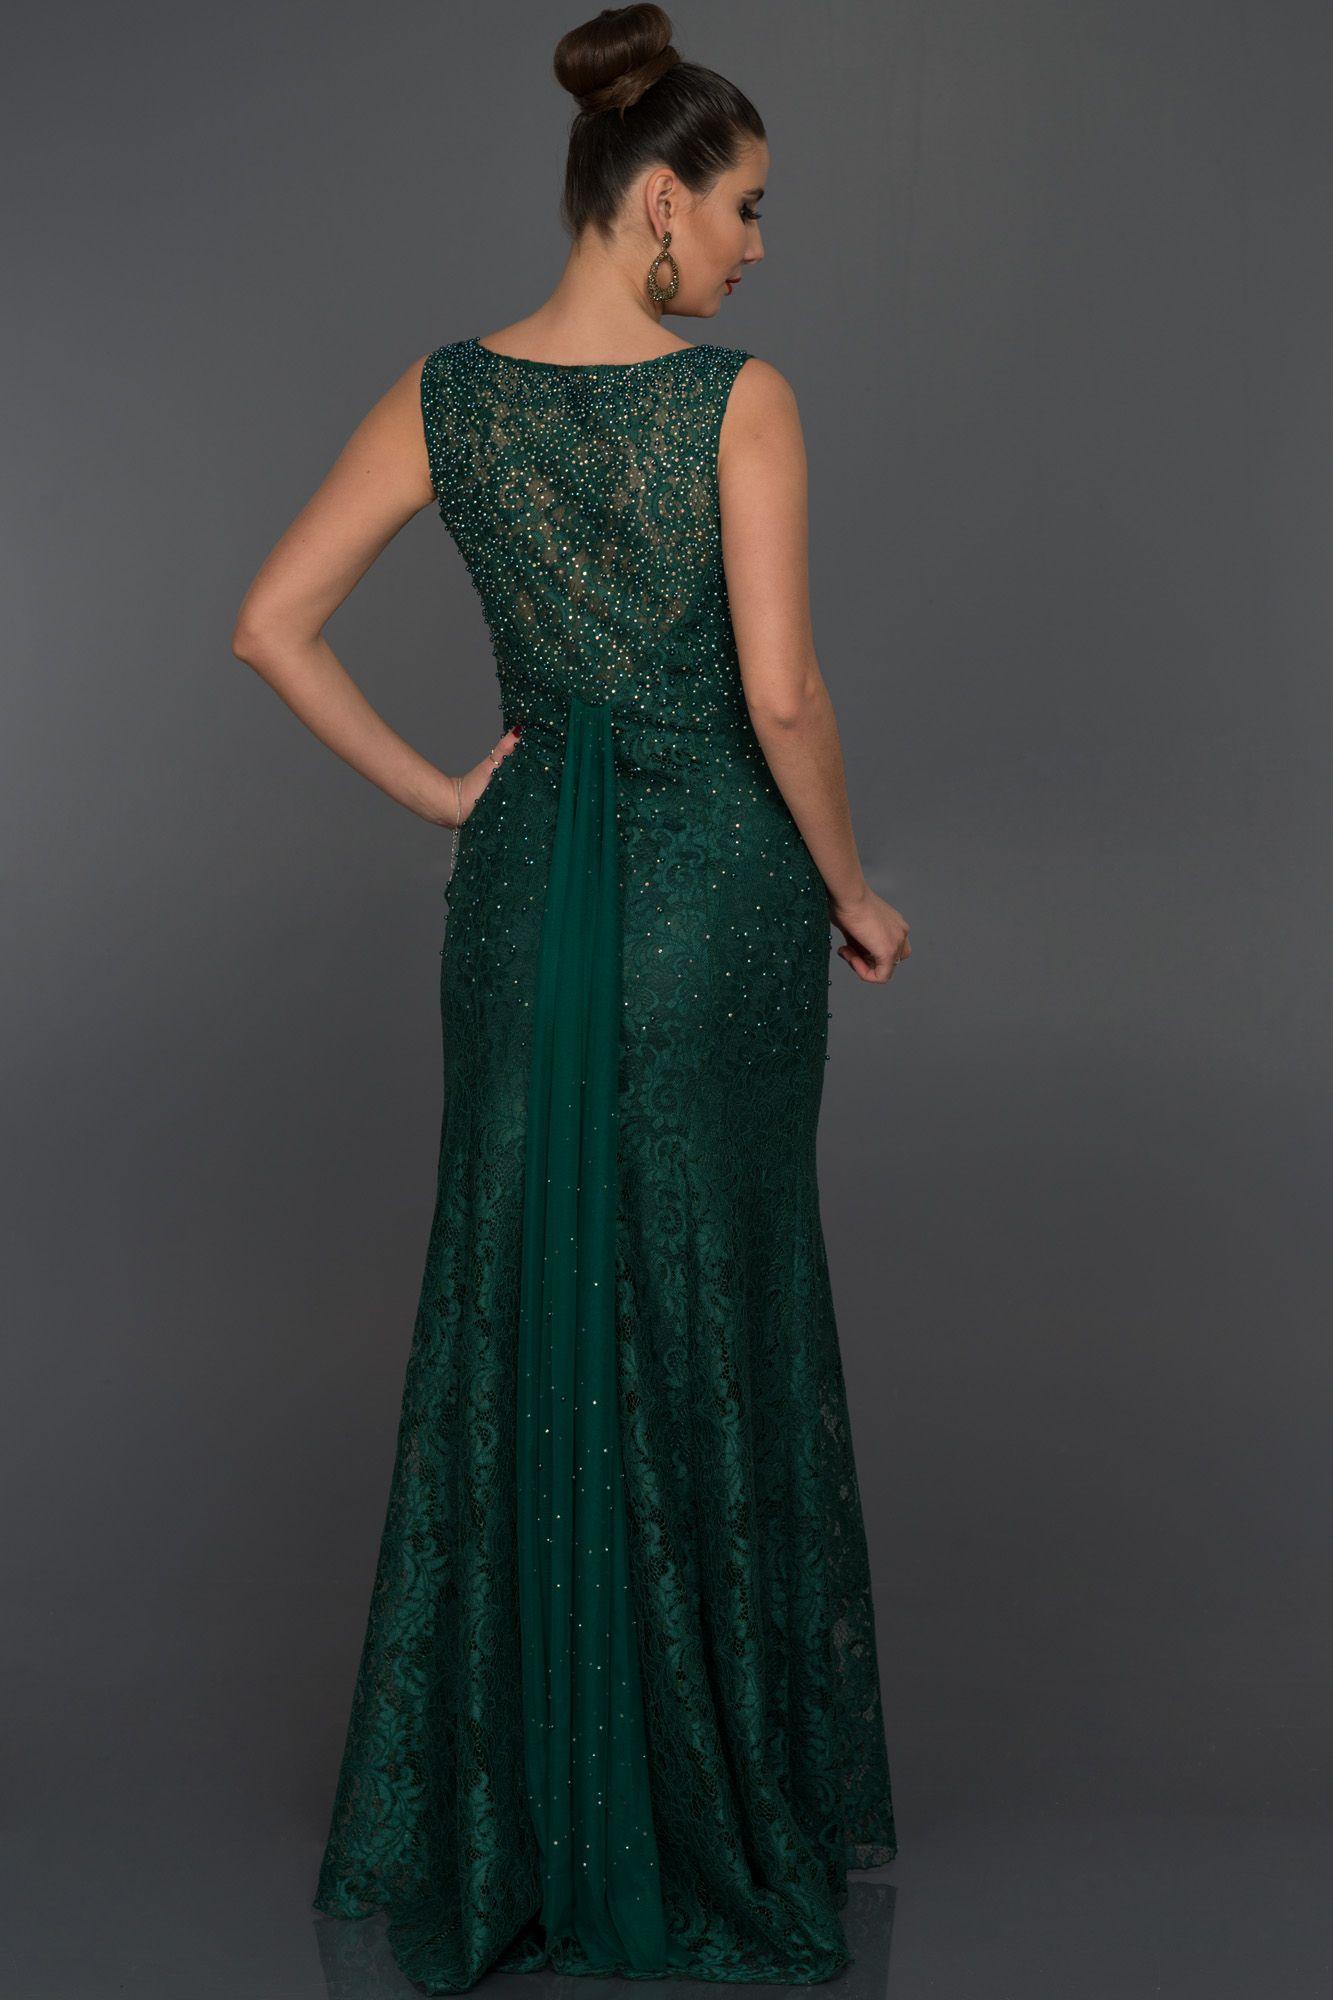 Uzun Yesil Dantelli Abiye Elbise Abu132 Elbise Kiyafet Vintage Gelinlikler